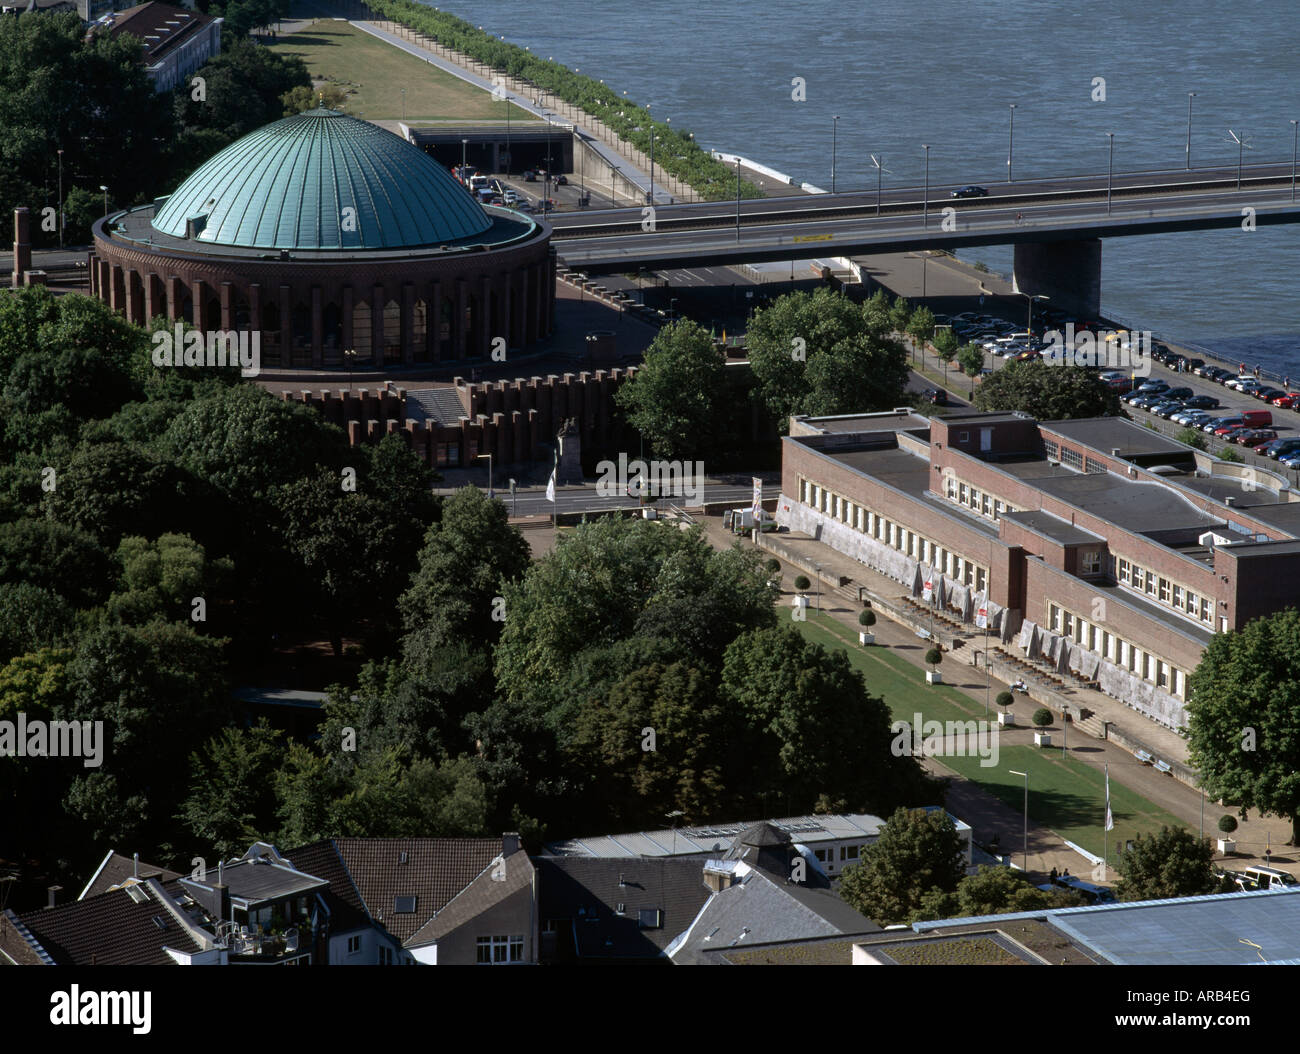 Düsseldorf, Tonhalle und Ehrenhof, Blick vom Dach des Victoria-Hochhauses - Stock Image